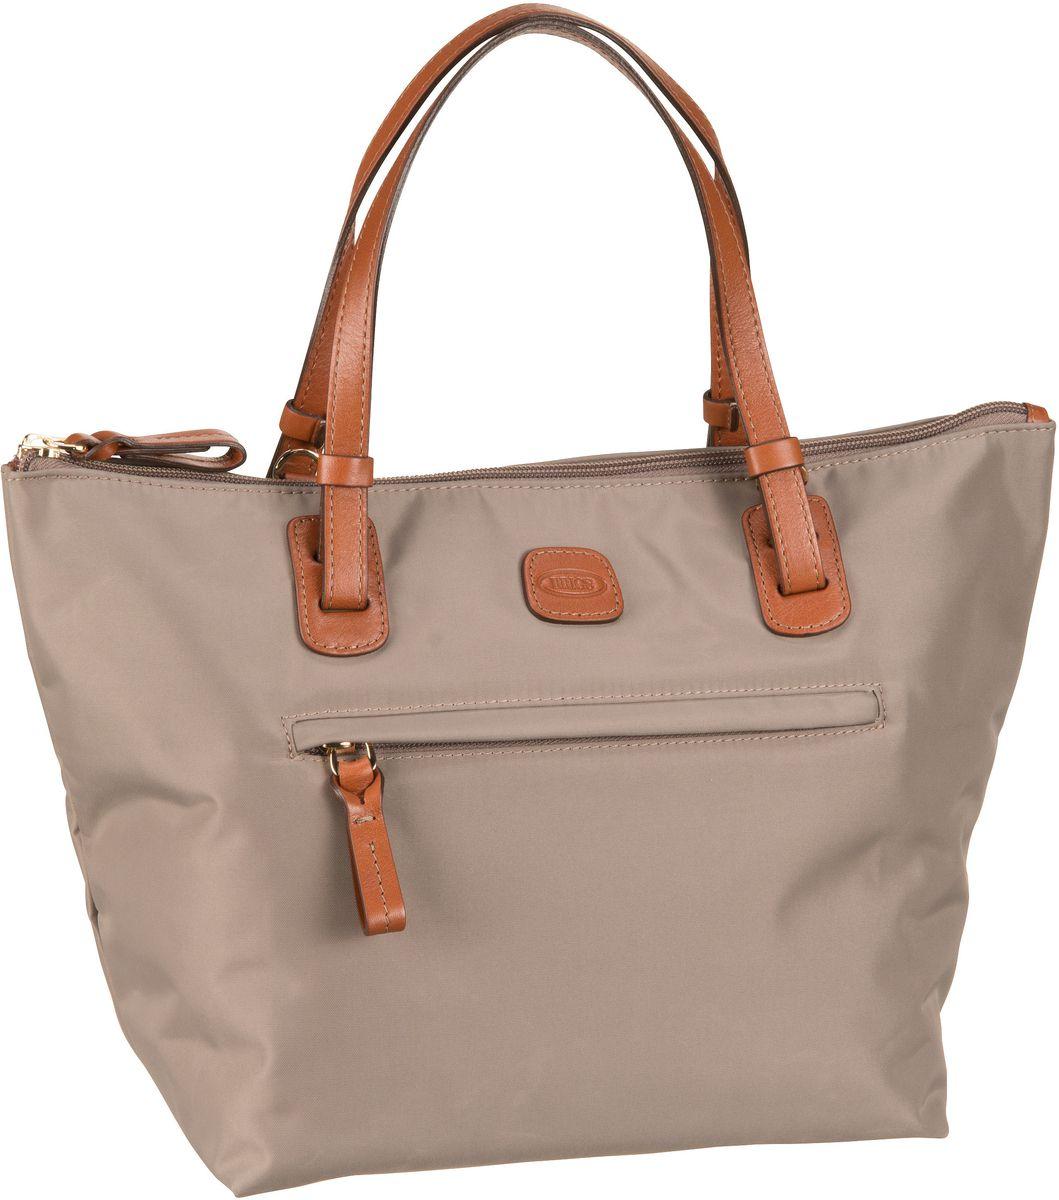 Umhängetasche X-Bag Damentasche 42733 Tortora Bric's XmQ2p